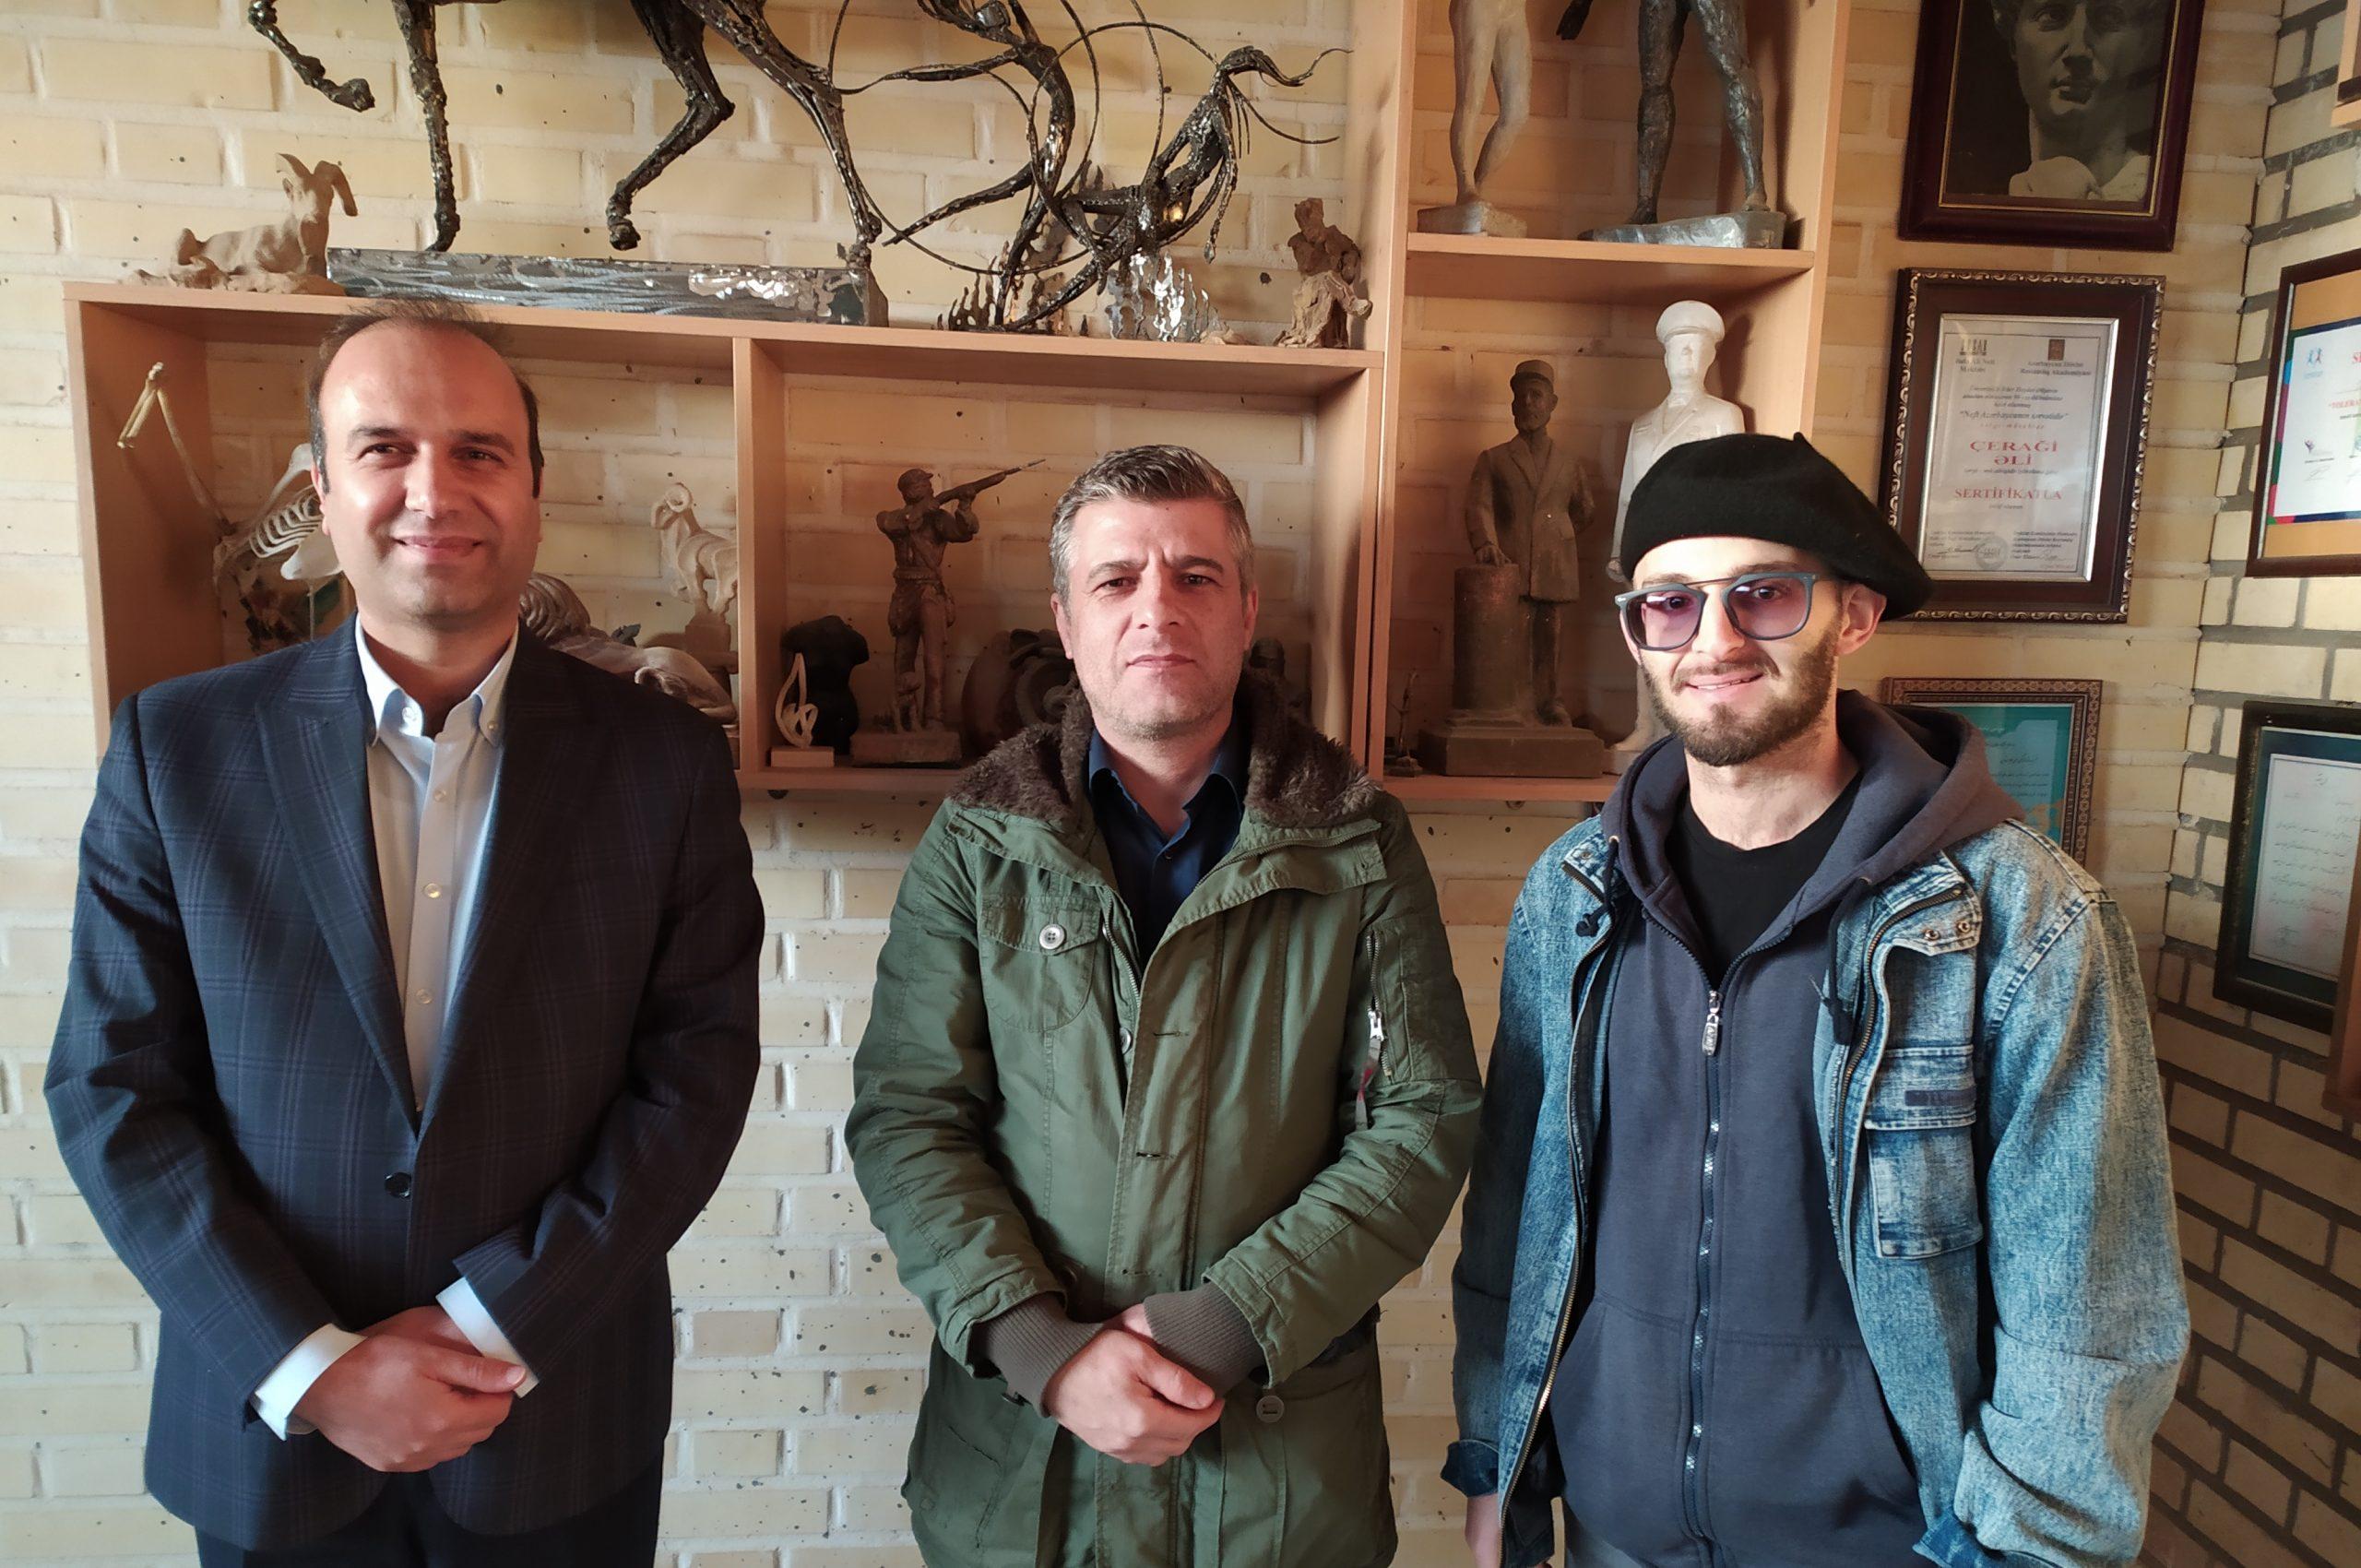 گزارش تصویری /بازدید صاحب امتیاز و تحریریه«شهاب زنجان» از یک کارگاه مجسمه سازی